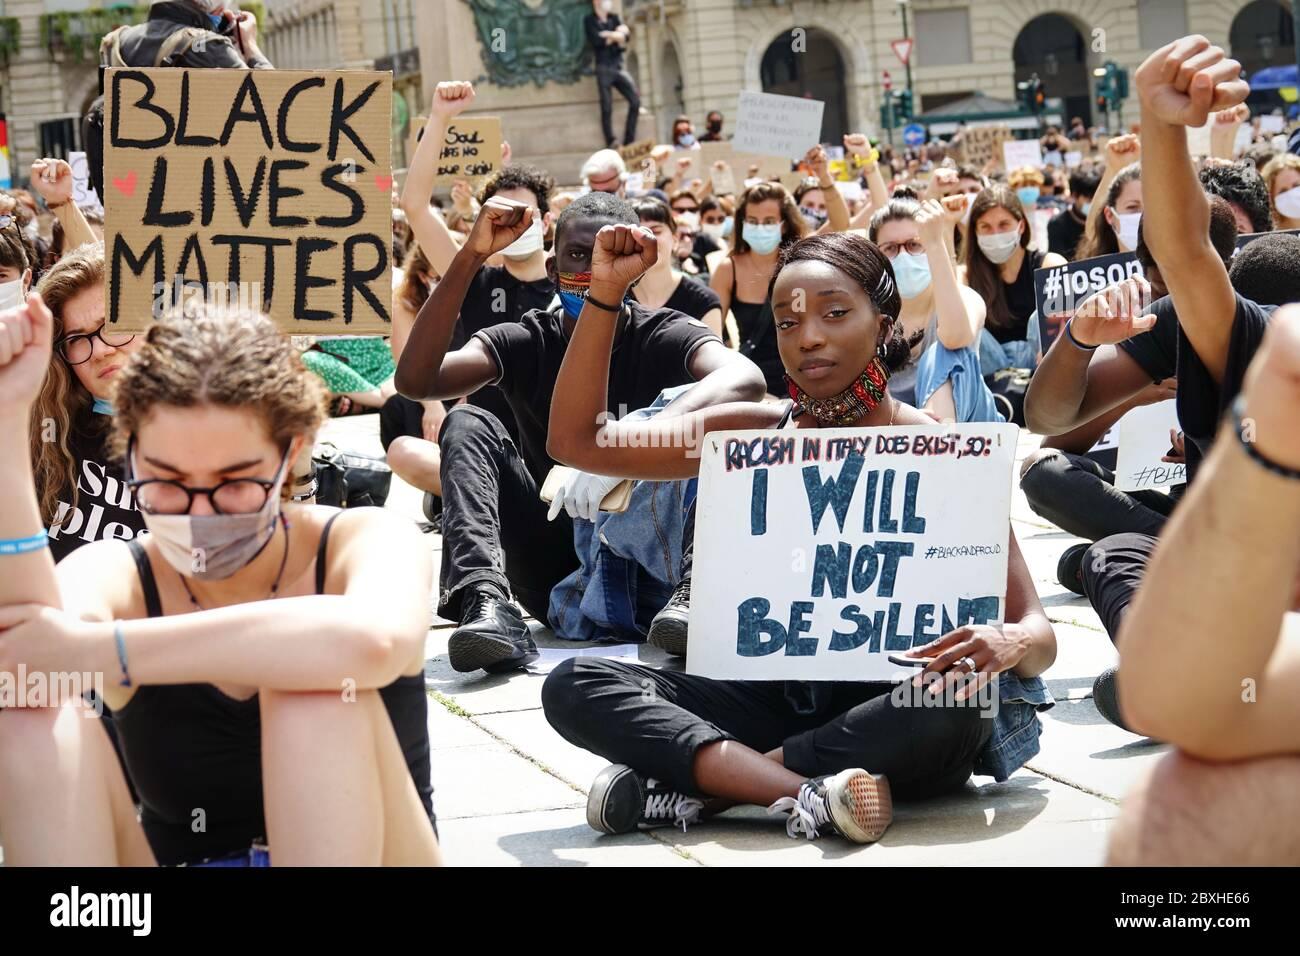 Manifestantes pacíficos se manifiestan contra la muerte de George Floyd y toda discriminación racial. Turín, Italia - Junio 2020 Foto de stock